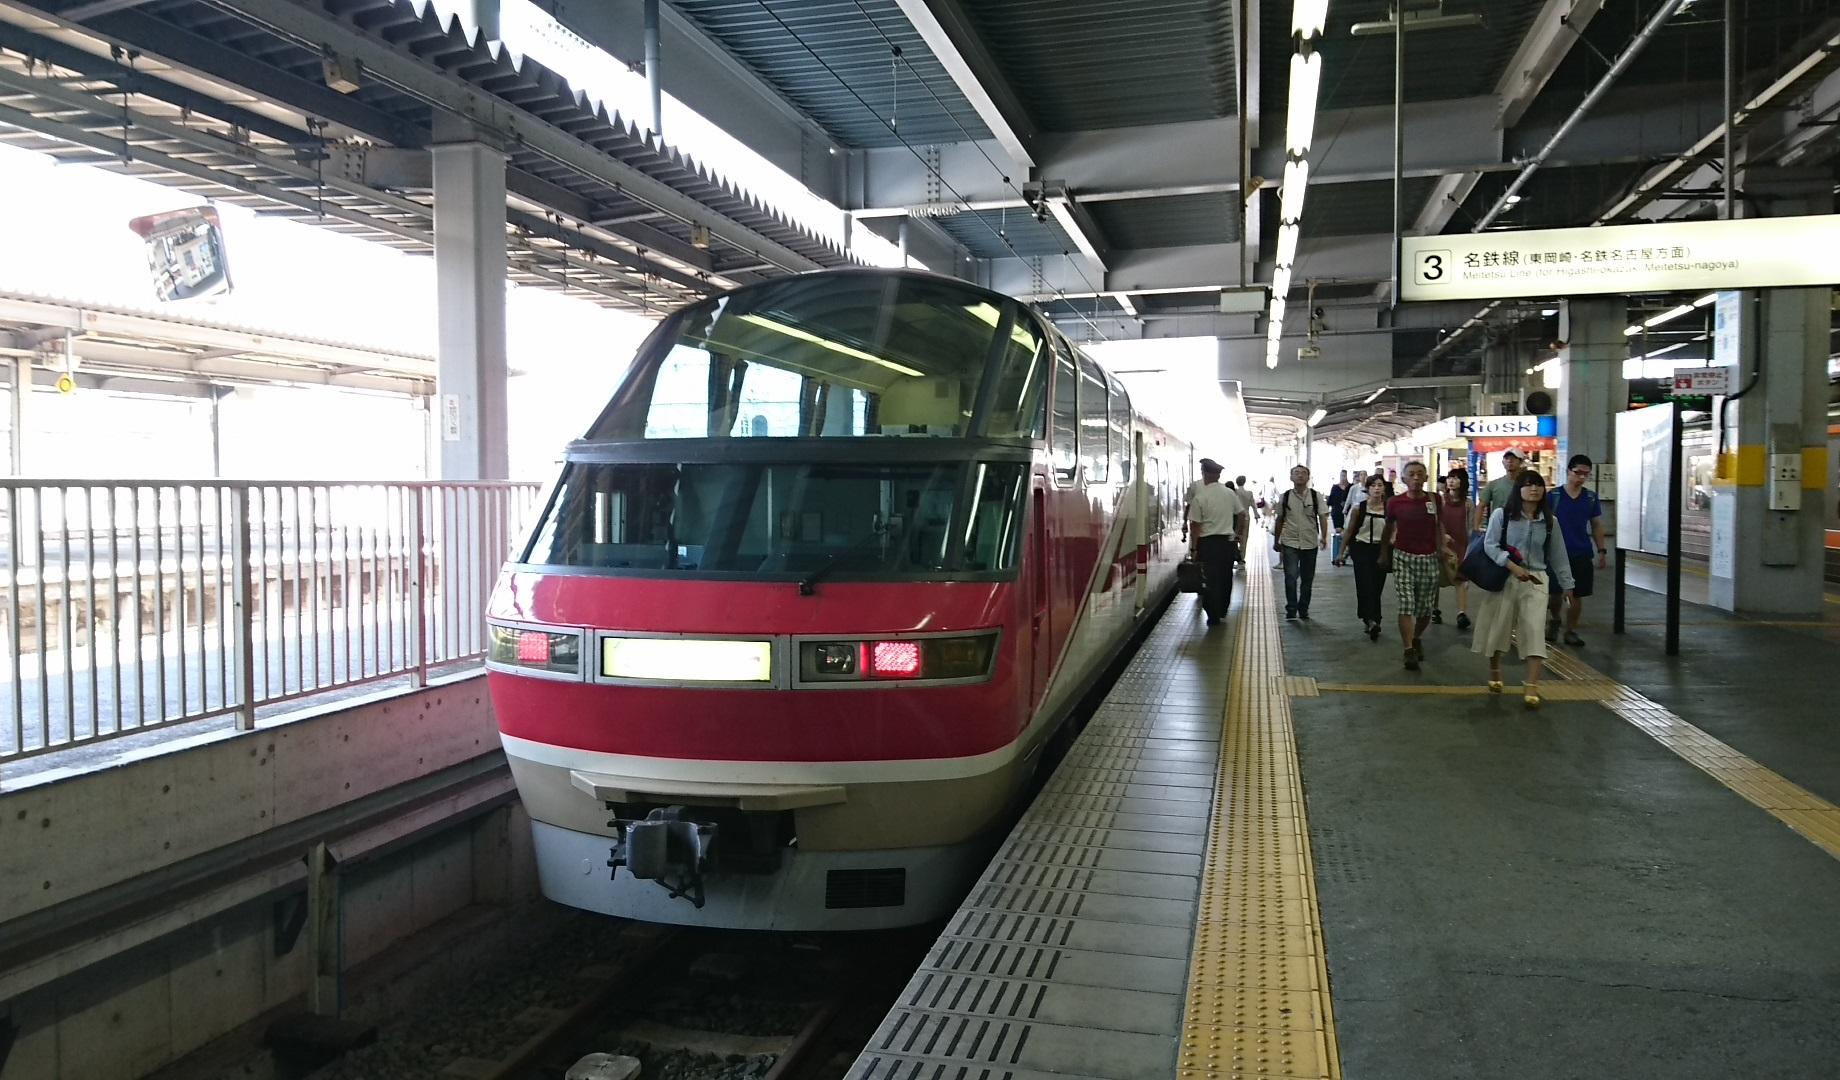 2017.8.30 豊川 (6) 豊橋 - 豊橋いき快速特急 1840-1080